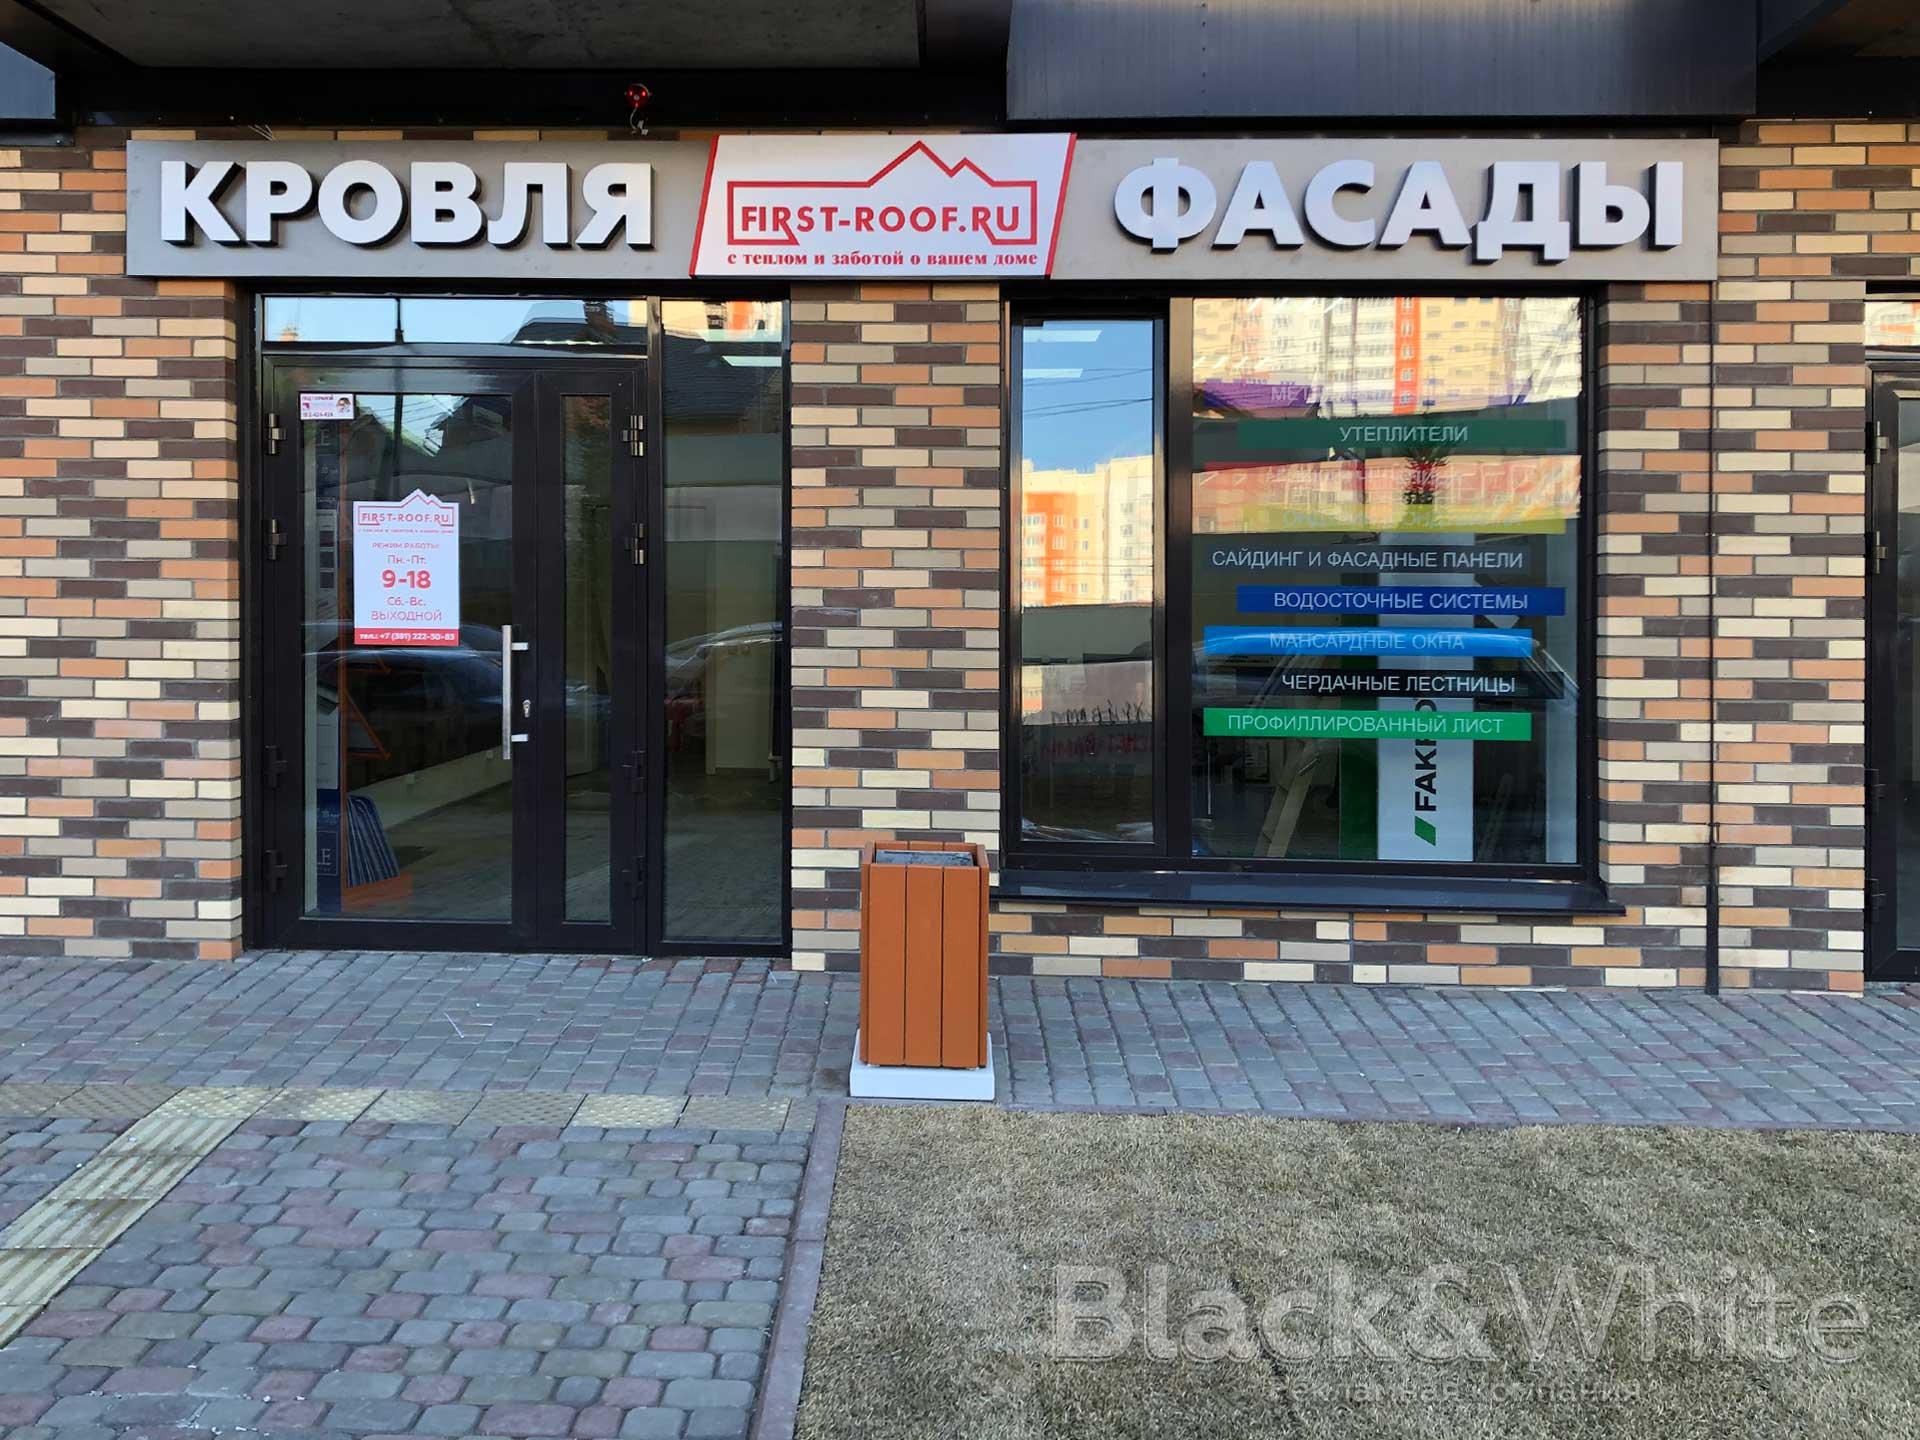 Изготовление-световой-вывески-с-объёмными-буквами-для-магазина-в-Красноярске.jpg